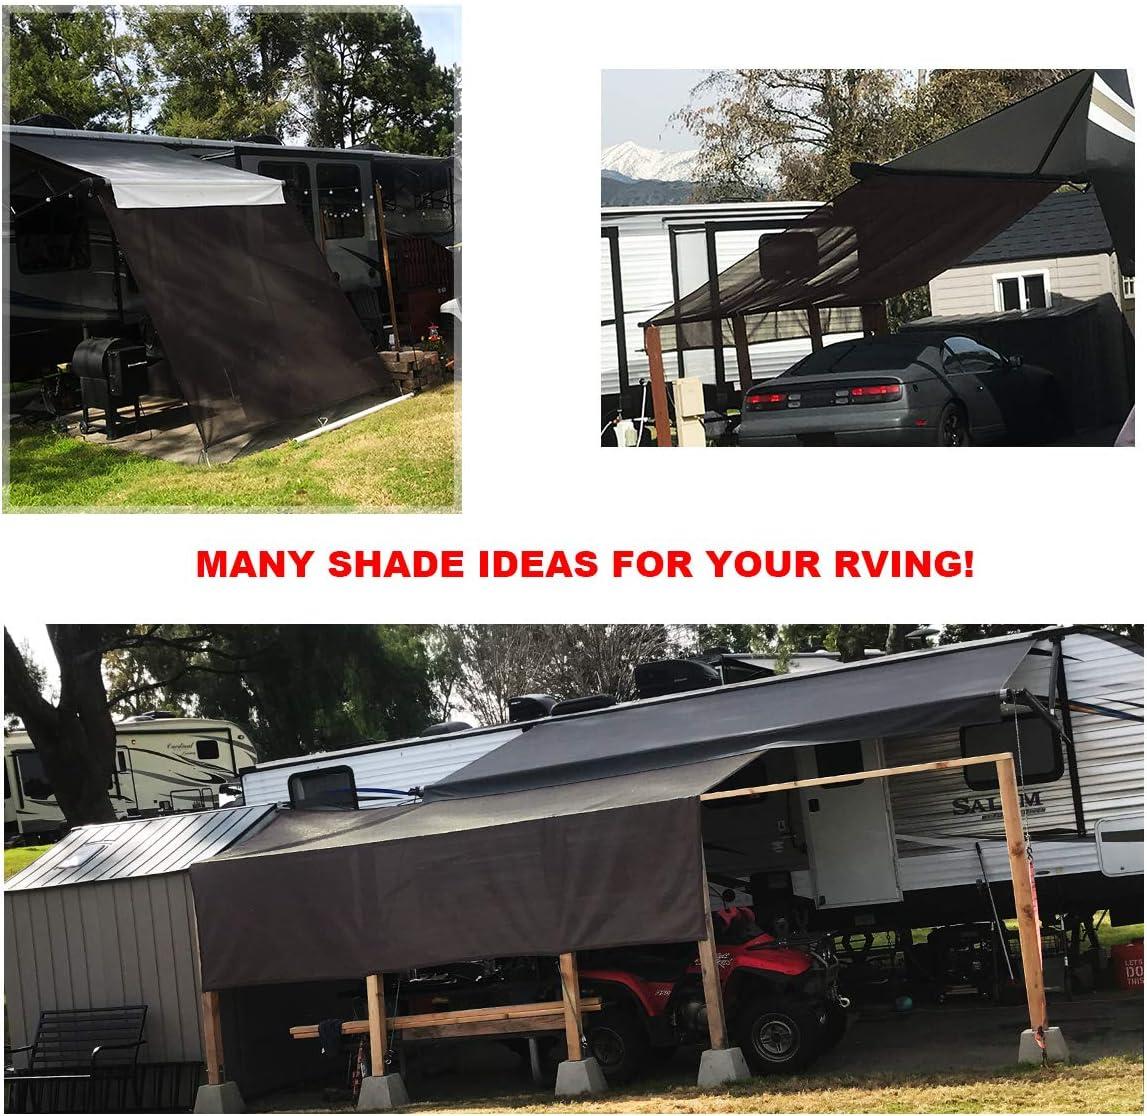 Shadeidea RV Sun Shade Screen for Awning 8 X 10 5 Black Mesh Sunshade Motorhome Camping Trailer UV Sunblocker Canopy Sunscreen Offer 3 Years Warranty